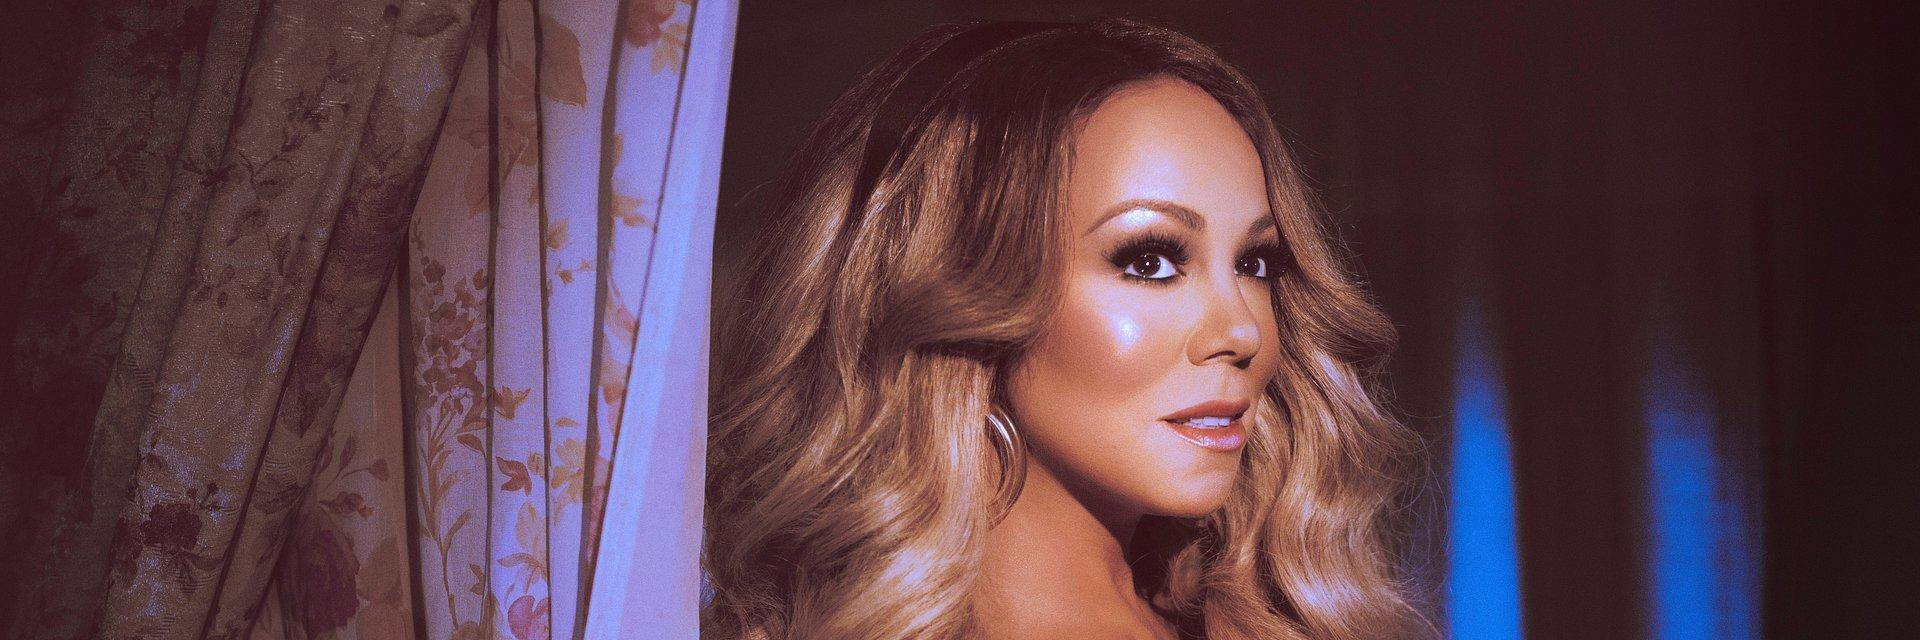 Mariah Carey świętuje 30. rocznicę swojego debiutu